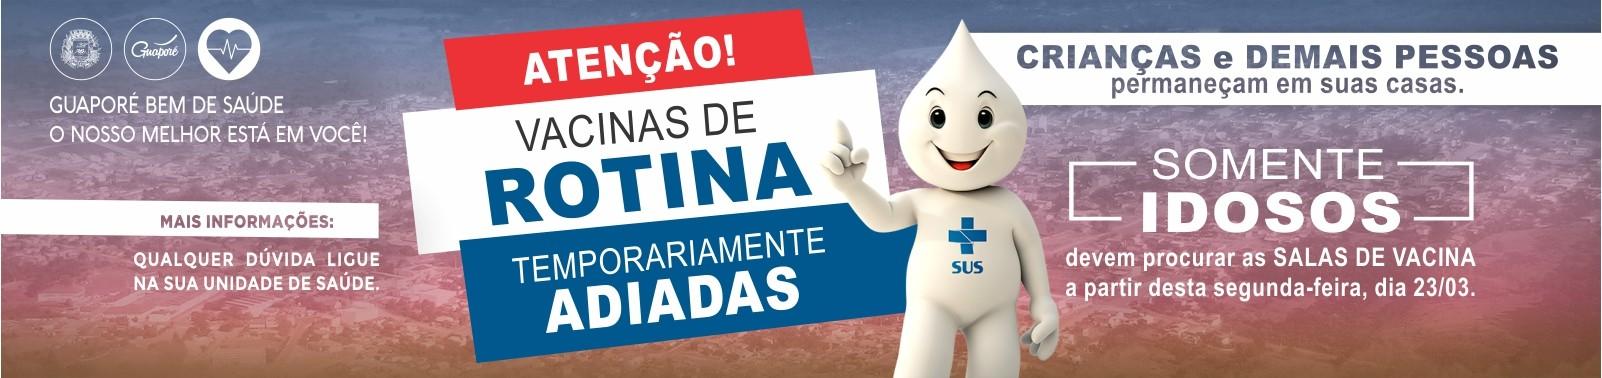 Banner 4 - Vacinas ROTINA - 1